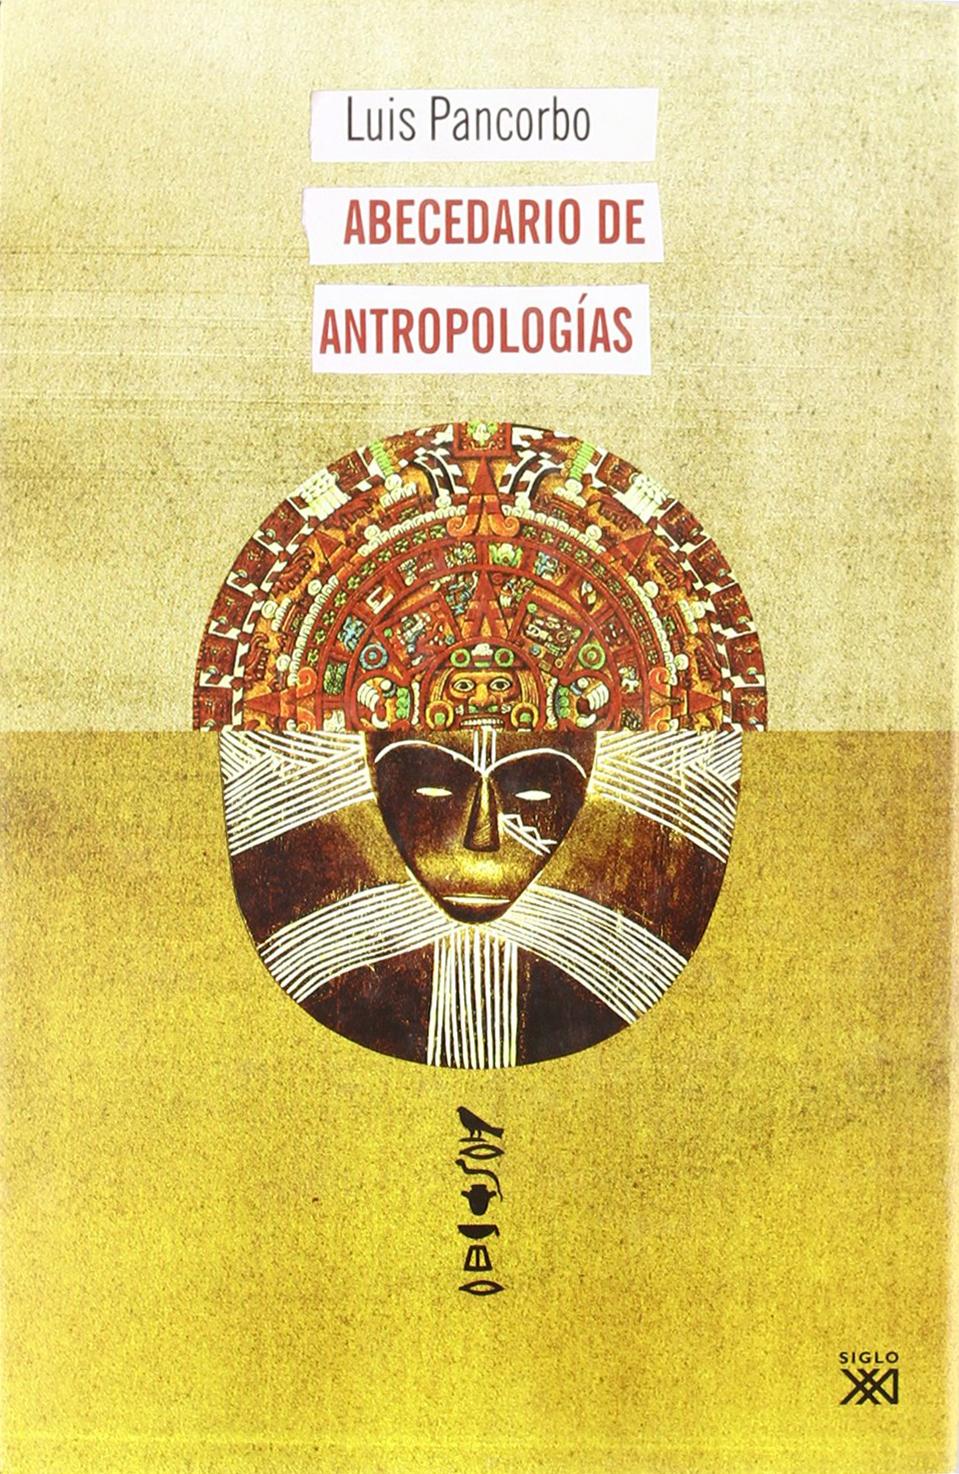 Abecedario de antropologia